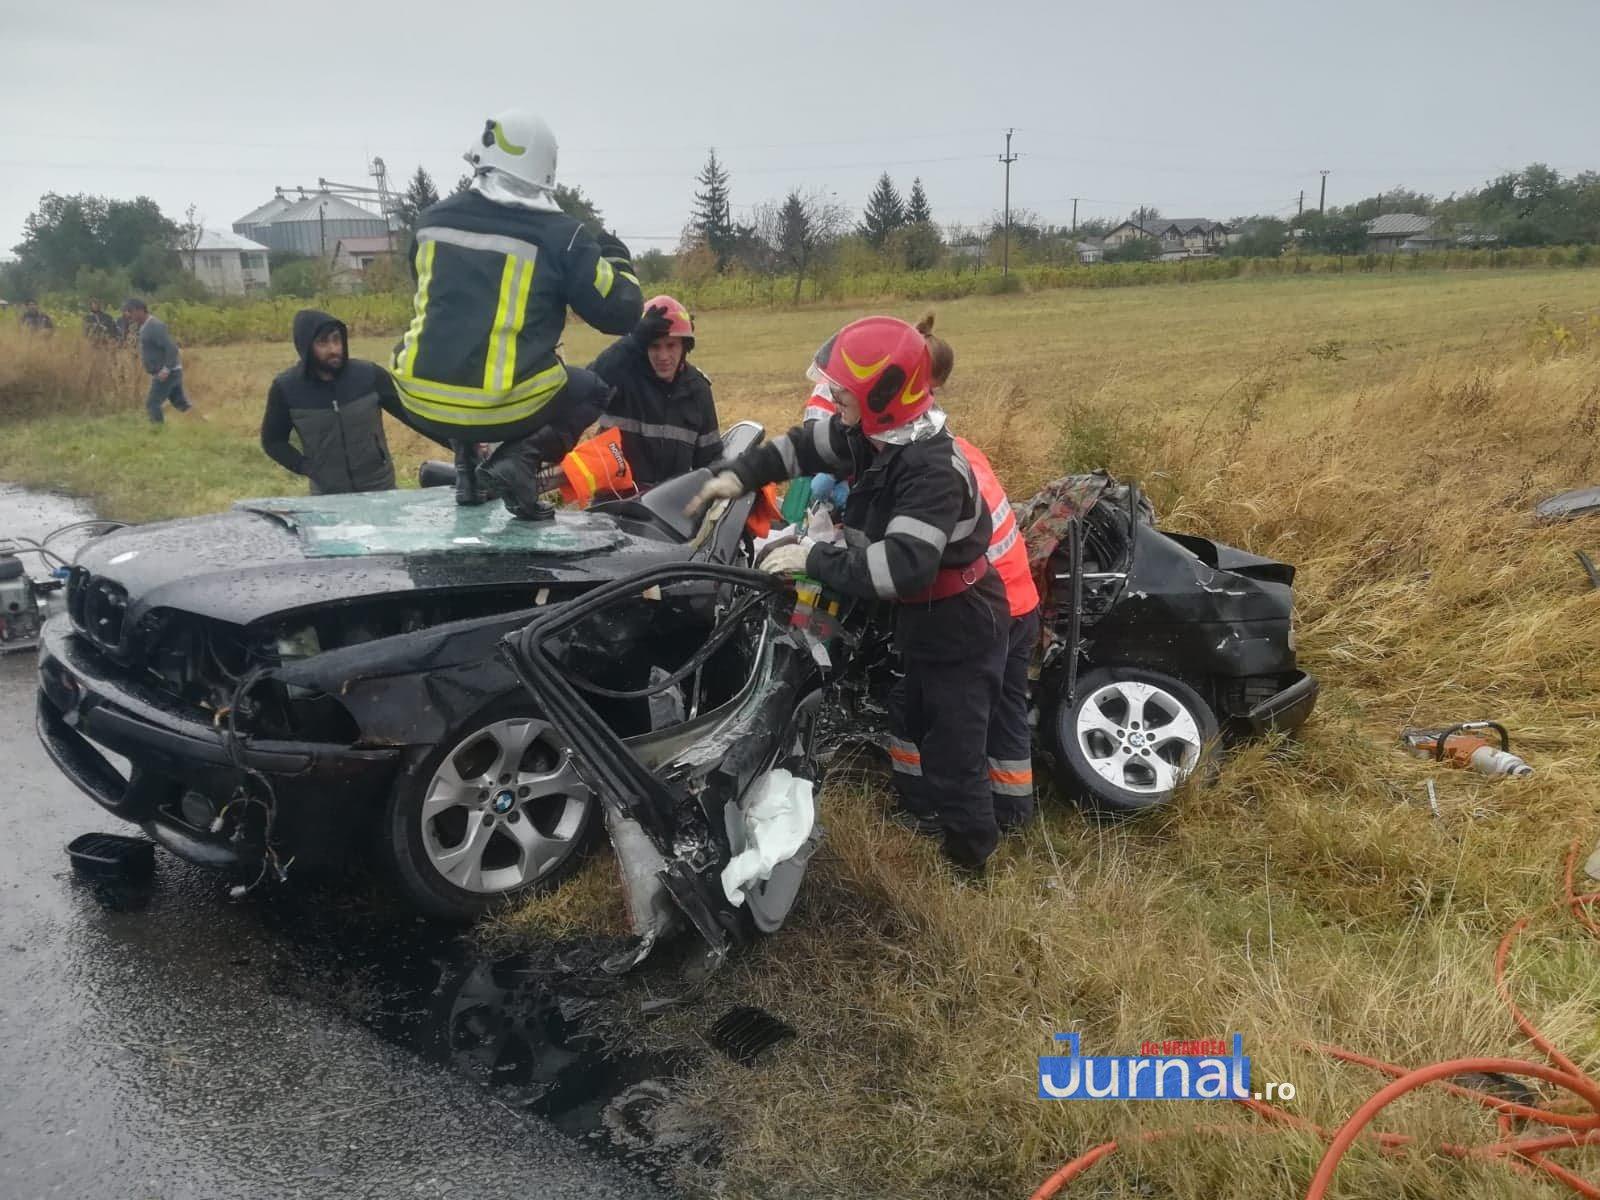 71565609 440677813467131 7266068243641532416 n - FOTO: Cum s-a produs accidentul de la Bolotești